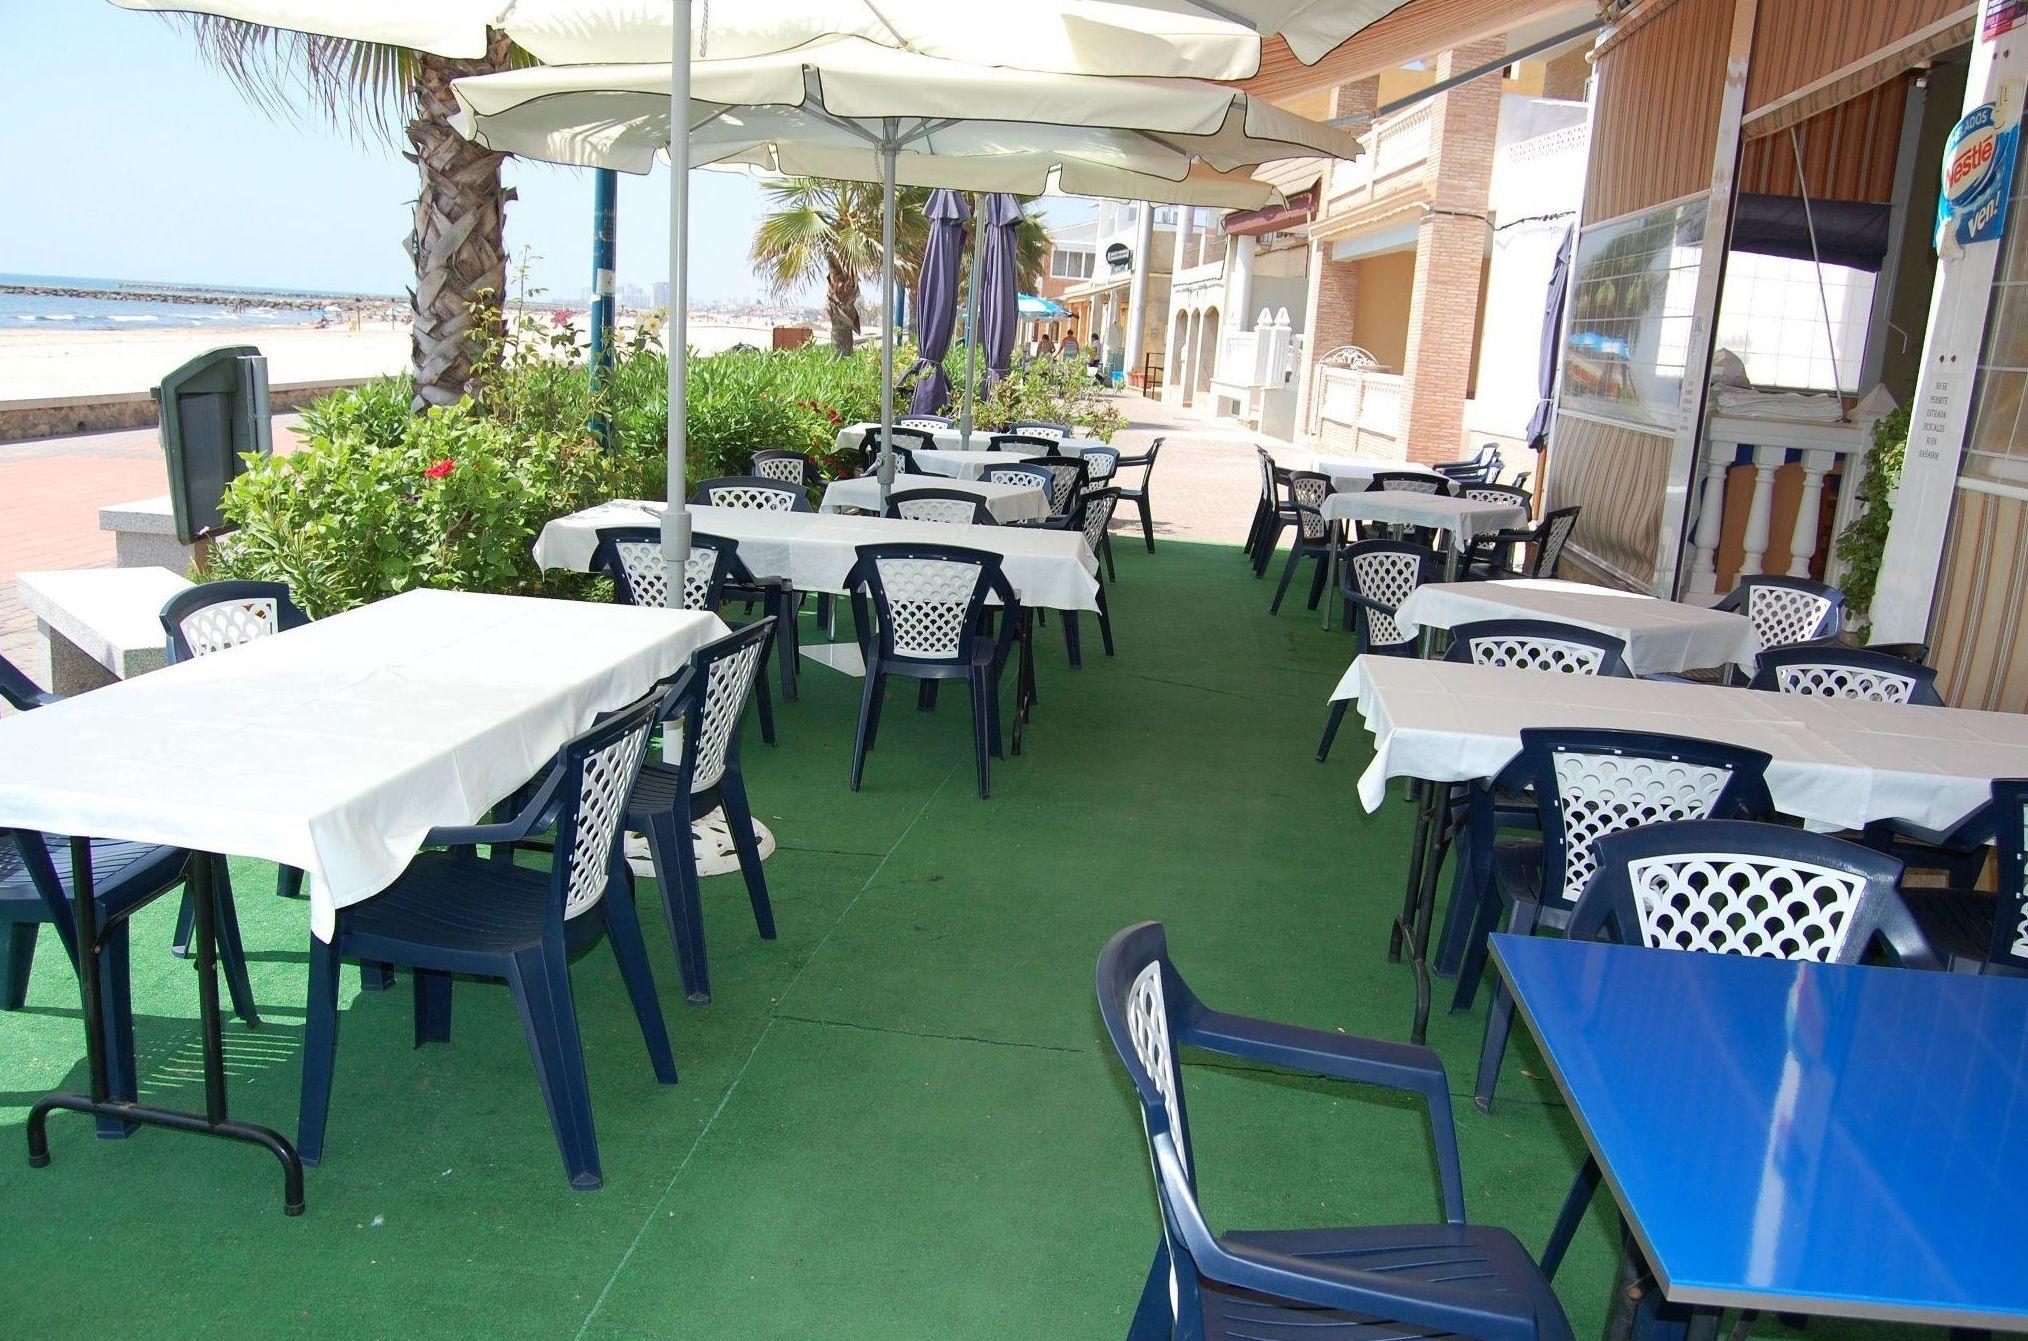 Foto 12 de Restaurante en Playa | Restaurante La Marina